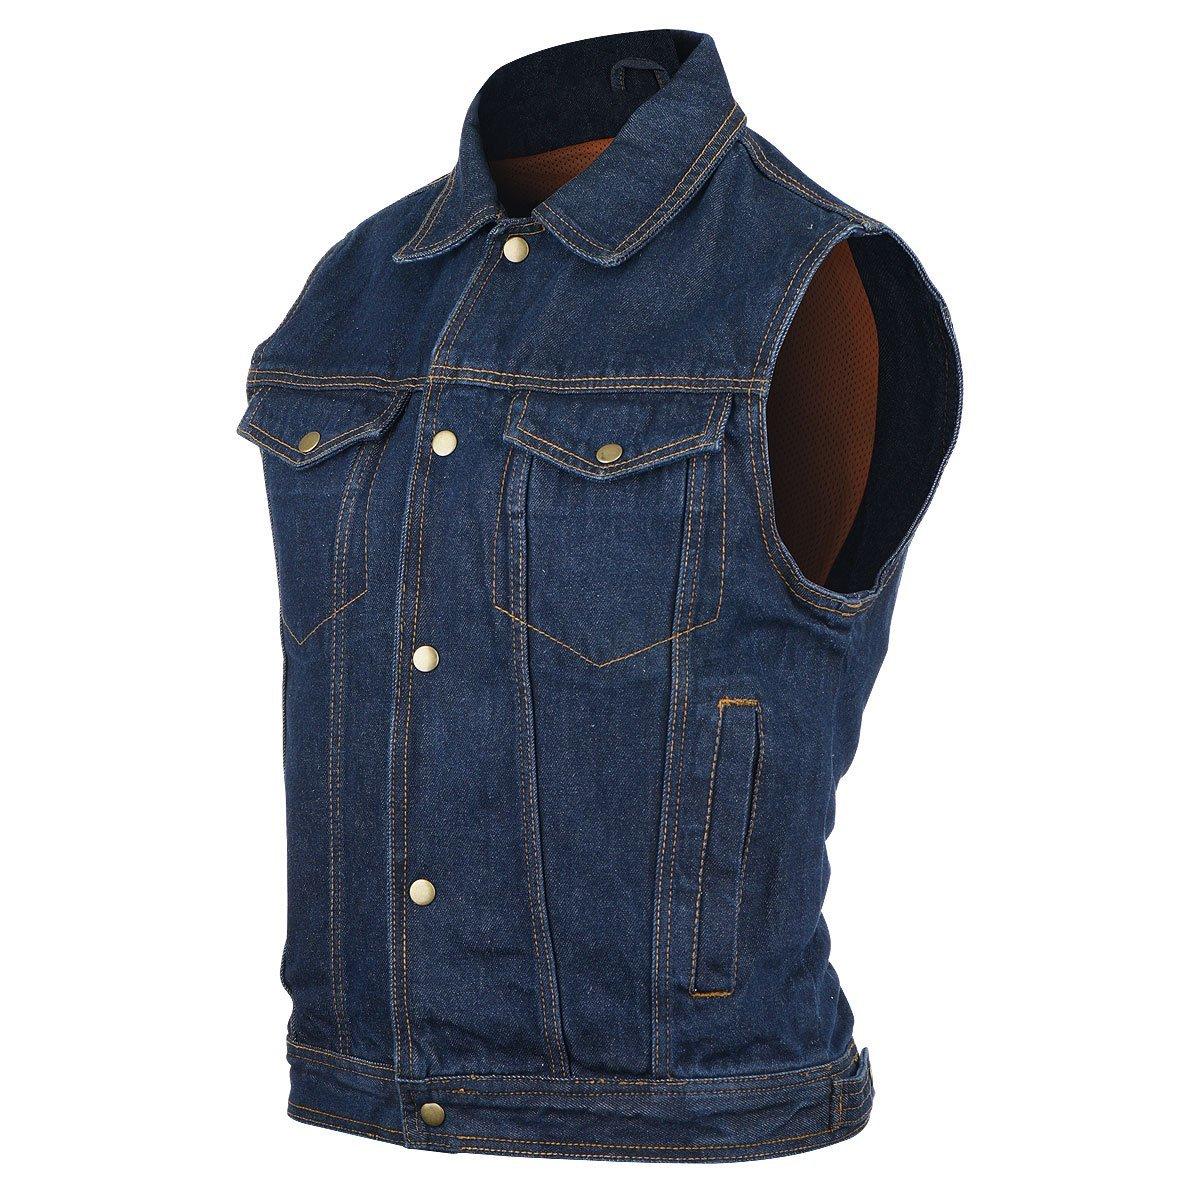 denim vest for men amazon.com: mens blue denim jean vest xs: sports u0026 outdoors fatufcp